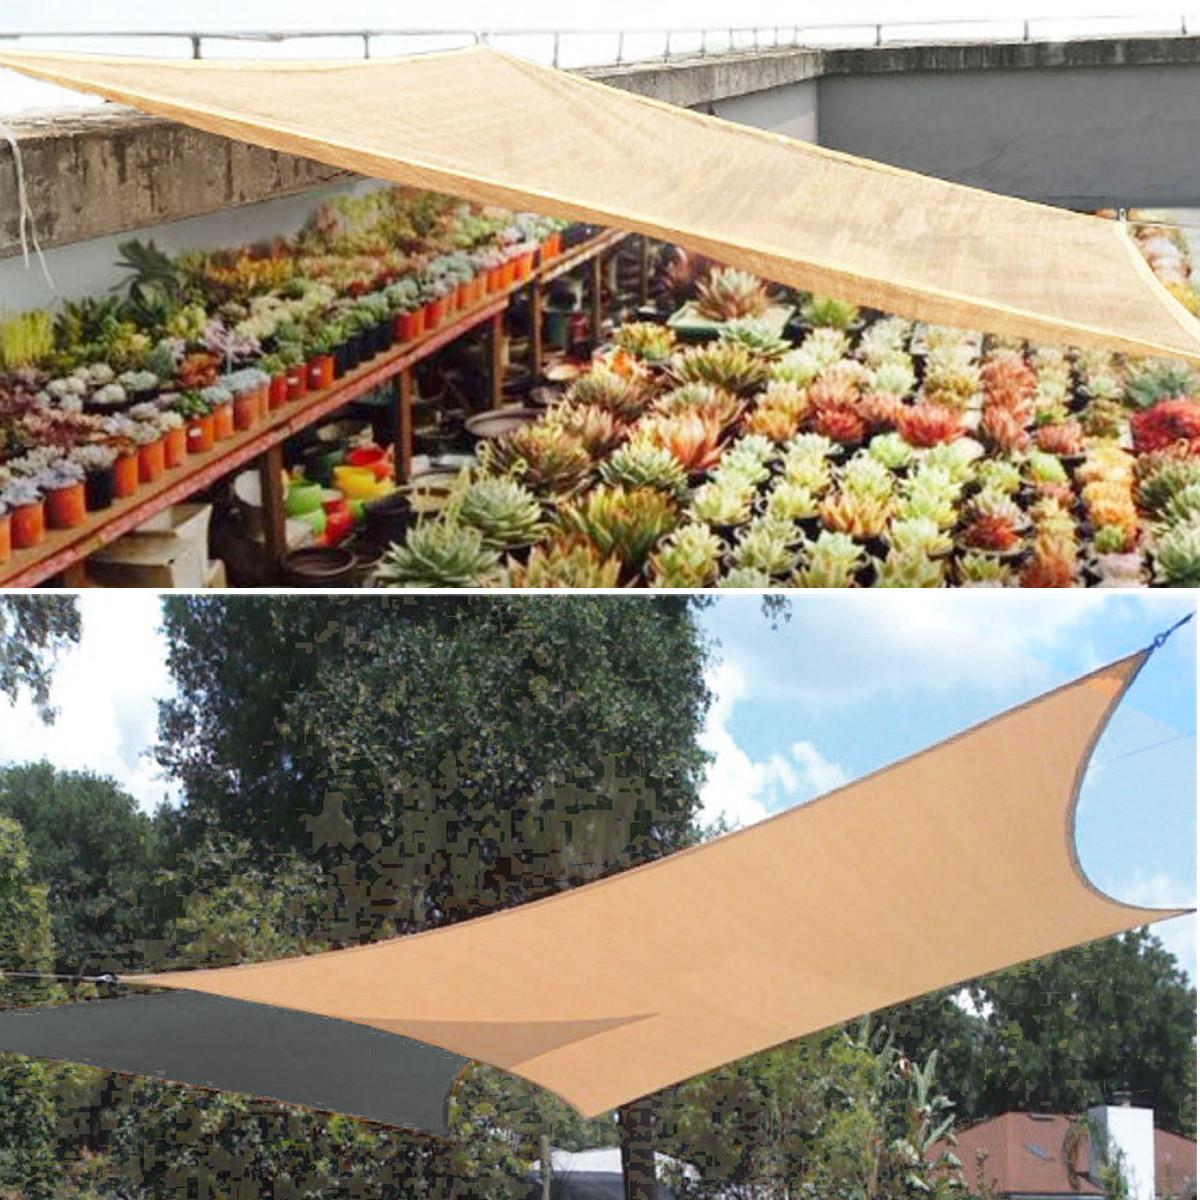 [해외]방수 나일론 텐트 양산 항해 정원 안뜰 마모 방지 천막 자외선 차폐 그물 캐노피 정원 용품 도구/Waterproof Nylon Tent Sunshade Sail Garden Patio Wearproof Awning Mesh Patio UV Shield Netti